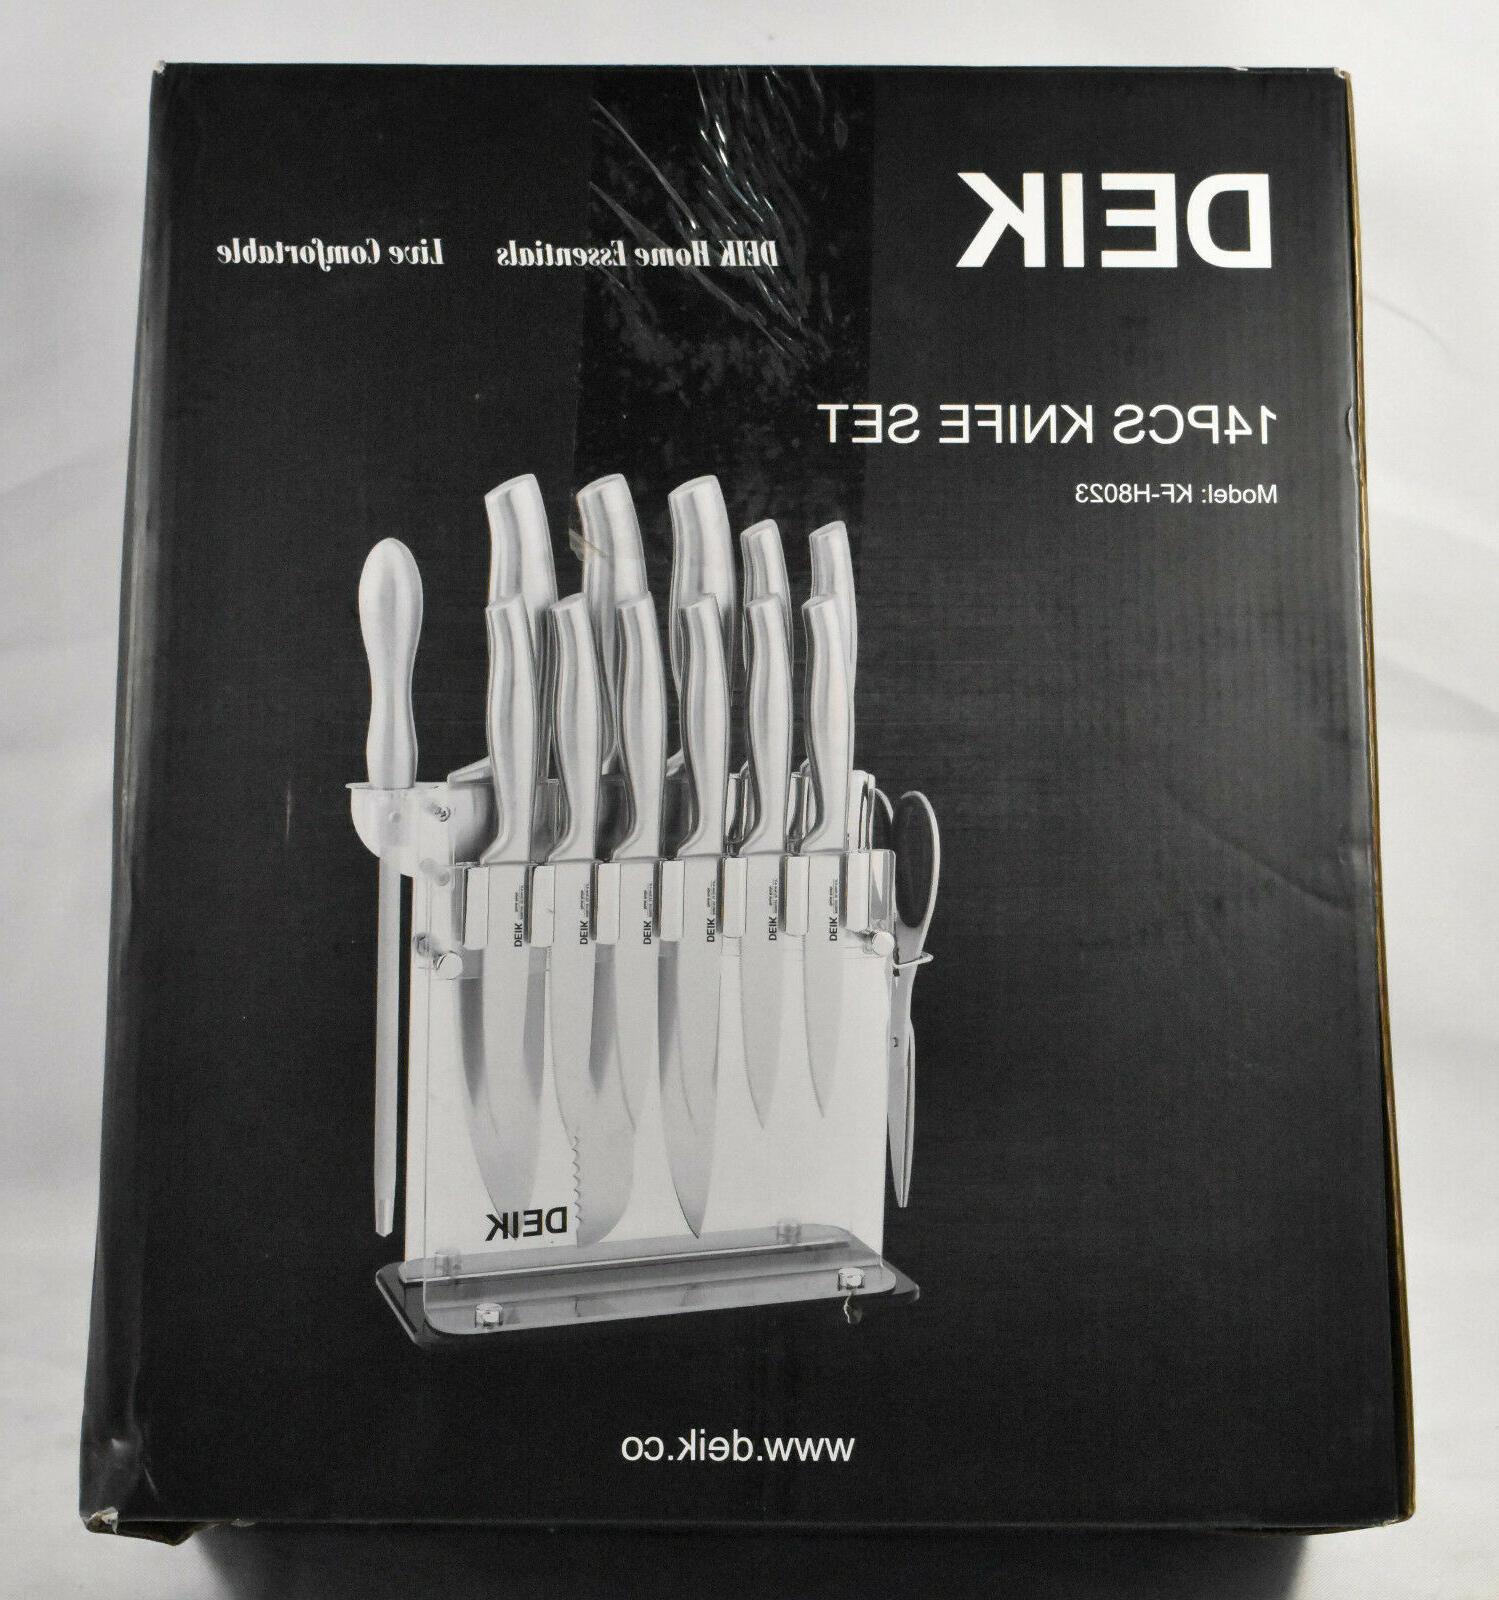 14 piece knife set with acrylic base